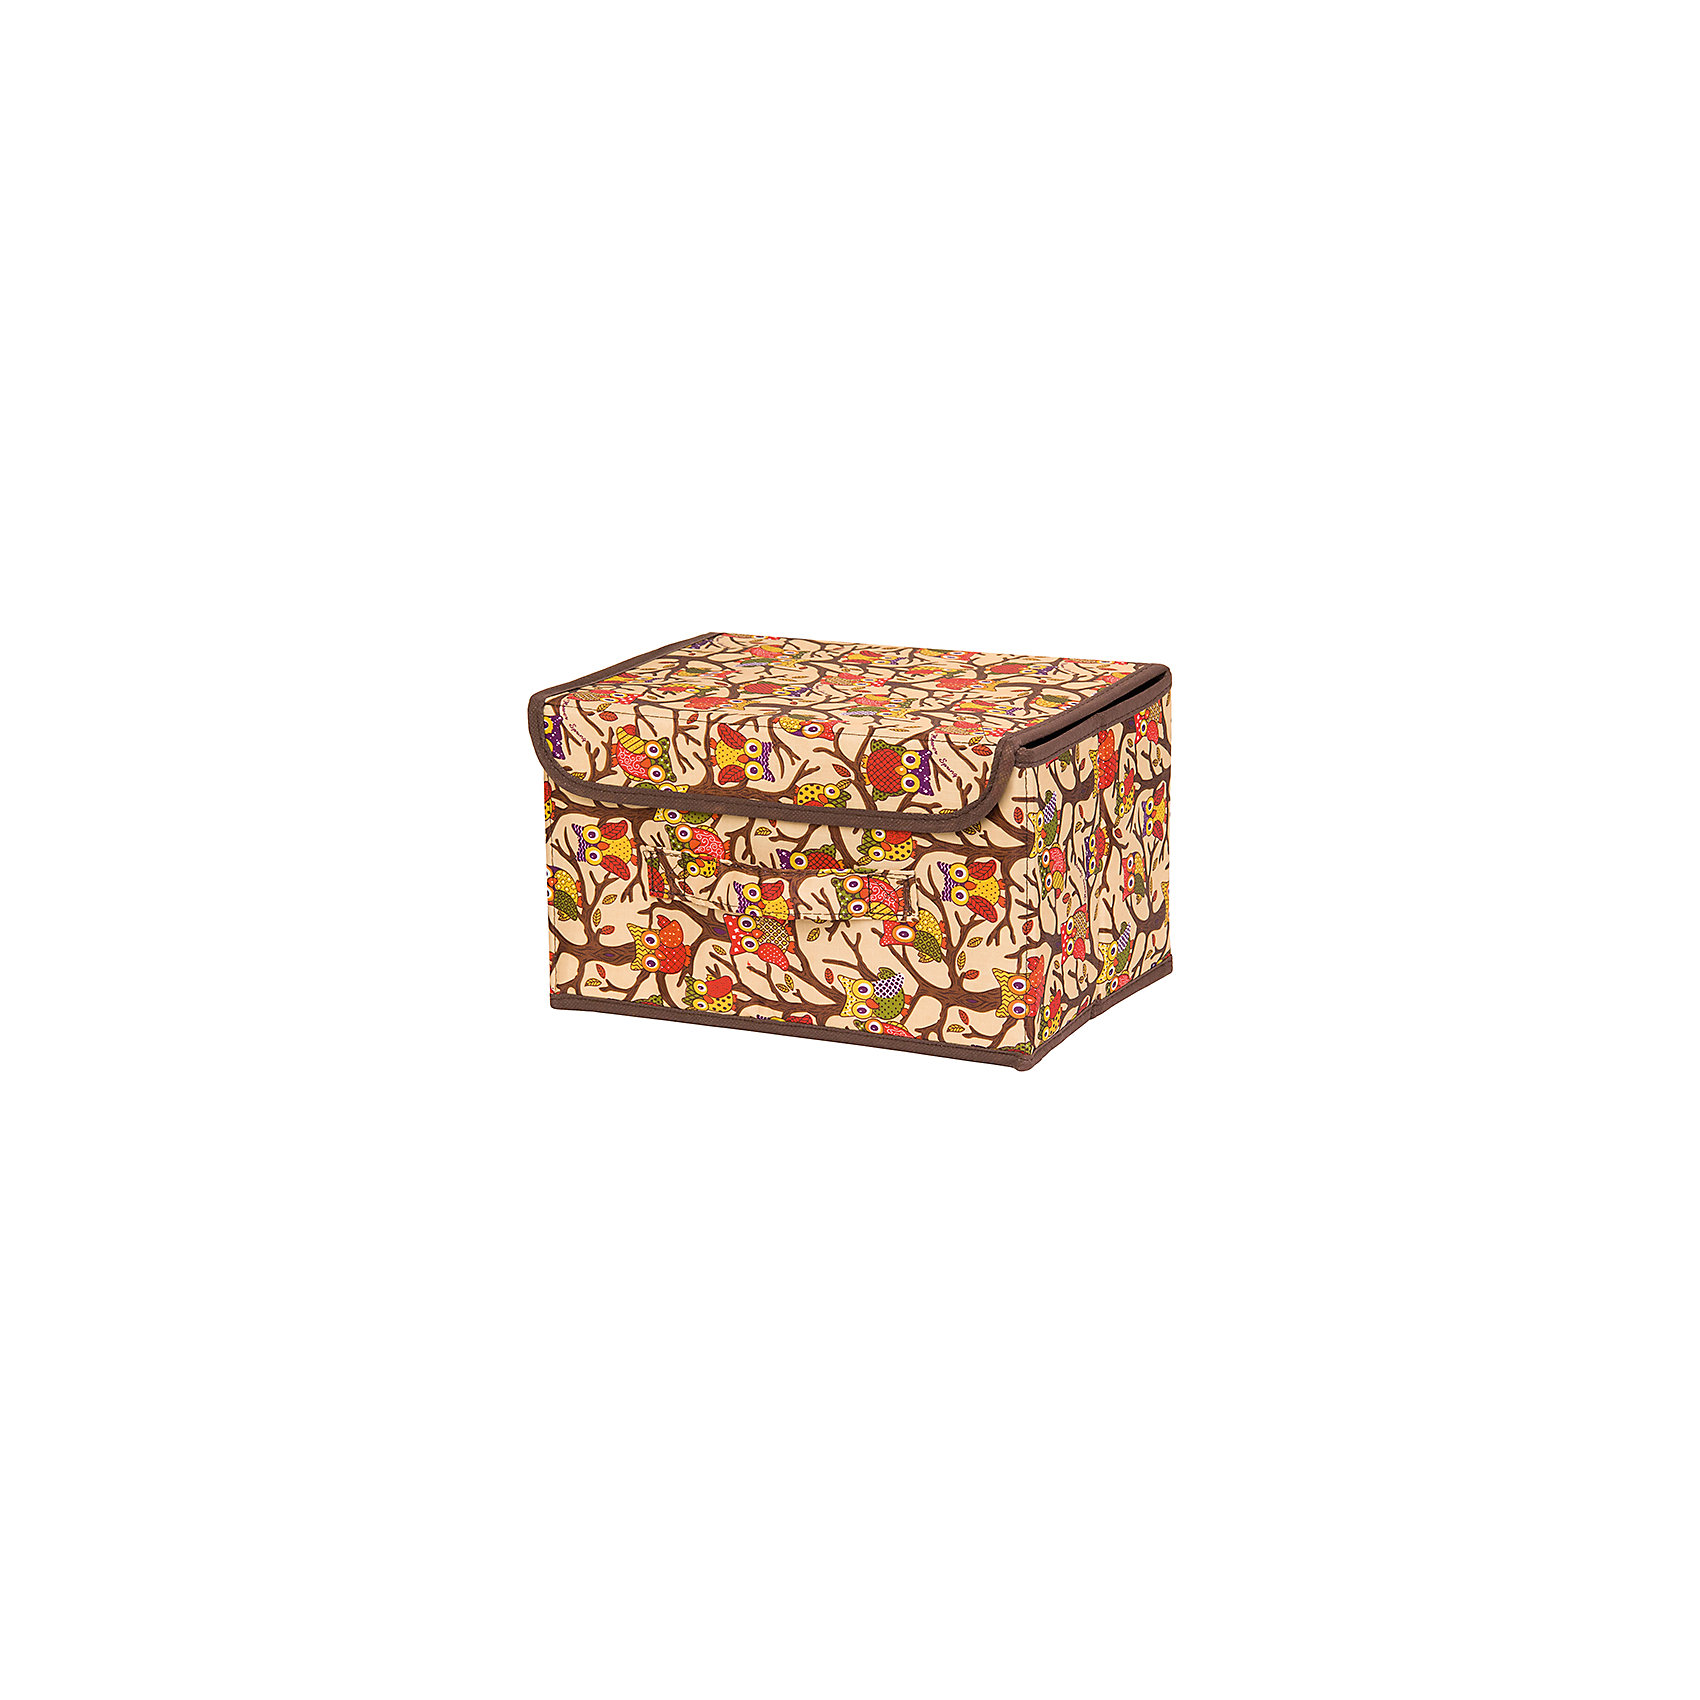 Кофр складной для хранения 26*20*16 см. Совы на ветках на бежевом EL CasaПорядок в детской<br>Характеристики товара:<br><br>• цвет: мульти<br>• материал: текстиль (полиэстер), картон<br>• размер: 26 х 20 х 16 см<br>• вес: 400 г<br>• декорирован принтом<br>• с жестким каркасом<br>• легко складывается и раскладывается<br>• удобный<br>• с крышкой и ручкой<br>• универсальный размер<br>• страна бренда: Российская Федерация<br>• страна производства: Китай<br><br>Такой кофр - отличный пример красивой и функциональной вещи для любого интерьера. В нем удобной хранить различные мелочи, благодаря универсальному дизайну и расцветке он хорошо будет смотреться в помещении.<br><br>Кофр с жёстким каркасом для хранения может стать отличным приобретением для дома или подарком для любителей красивых оригинальных вещей.<br><br>Бренд EL Casa - это красивые и практичные товары для дома с современным дизайном. Они добавляют в жильё уюта и комфорта! <br><br>Кофр складной для хранения 26*20*16 см. Совы на ветках на бежевом, EL Casa можно купить в нашем интернет-магазине.<br><br>Ширина мм: 270<br>Глубина мм: 210<br>Высота мм: 27<br>Вес г: 400<br>Возраст от месяцев: 0<br>Возраст до месяцев: 1188<br>Пол: Унисекс<br>Возраст: Детский<br>SKU: 6668734